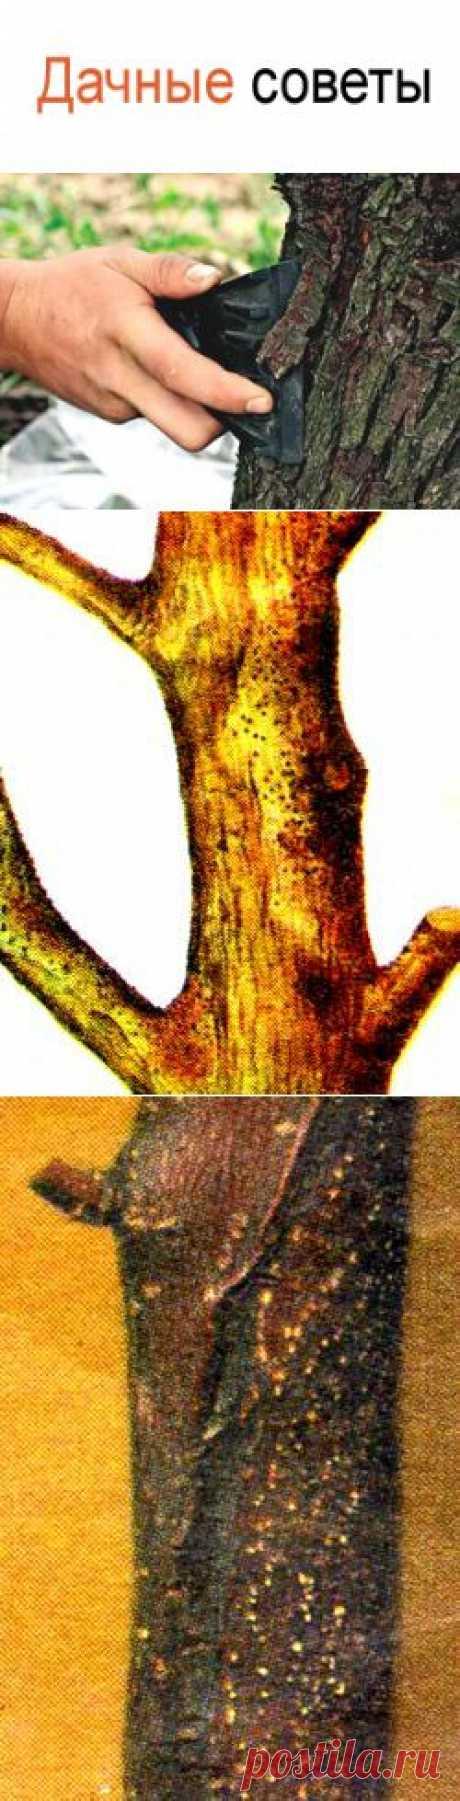 Защитить кору деревьев от ожогов, лечениие коры от черного рака, цитоспороза, усыхания